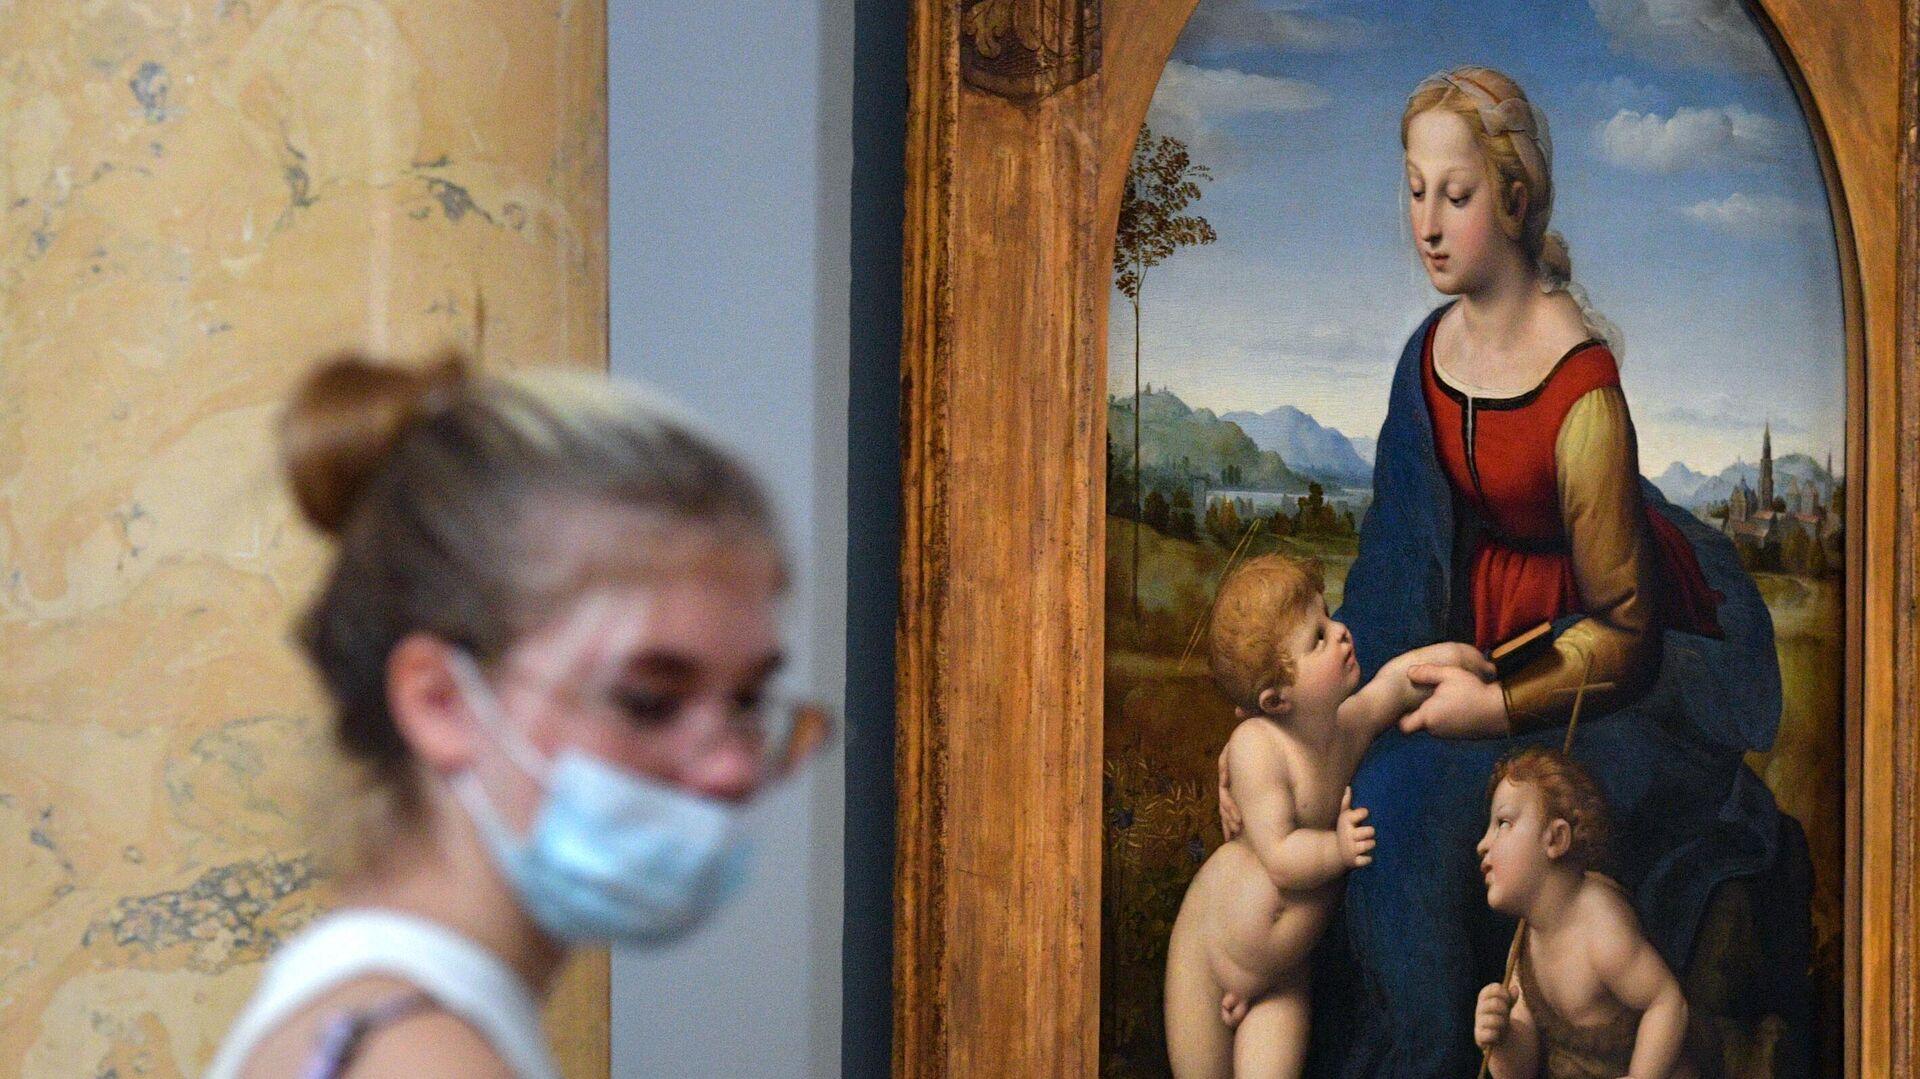 La Madonna con bambino e San Giovannino di Raffaello al museo Ermitazh di San Pietroburgo - Sputnik Italia, 1920, 23.07.2021